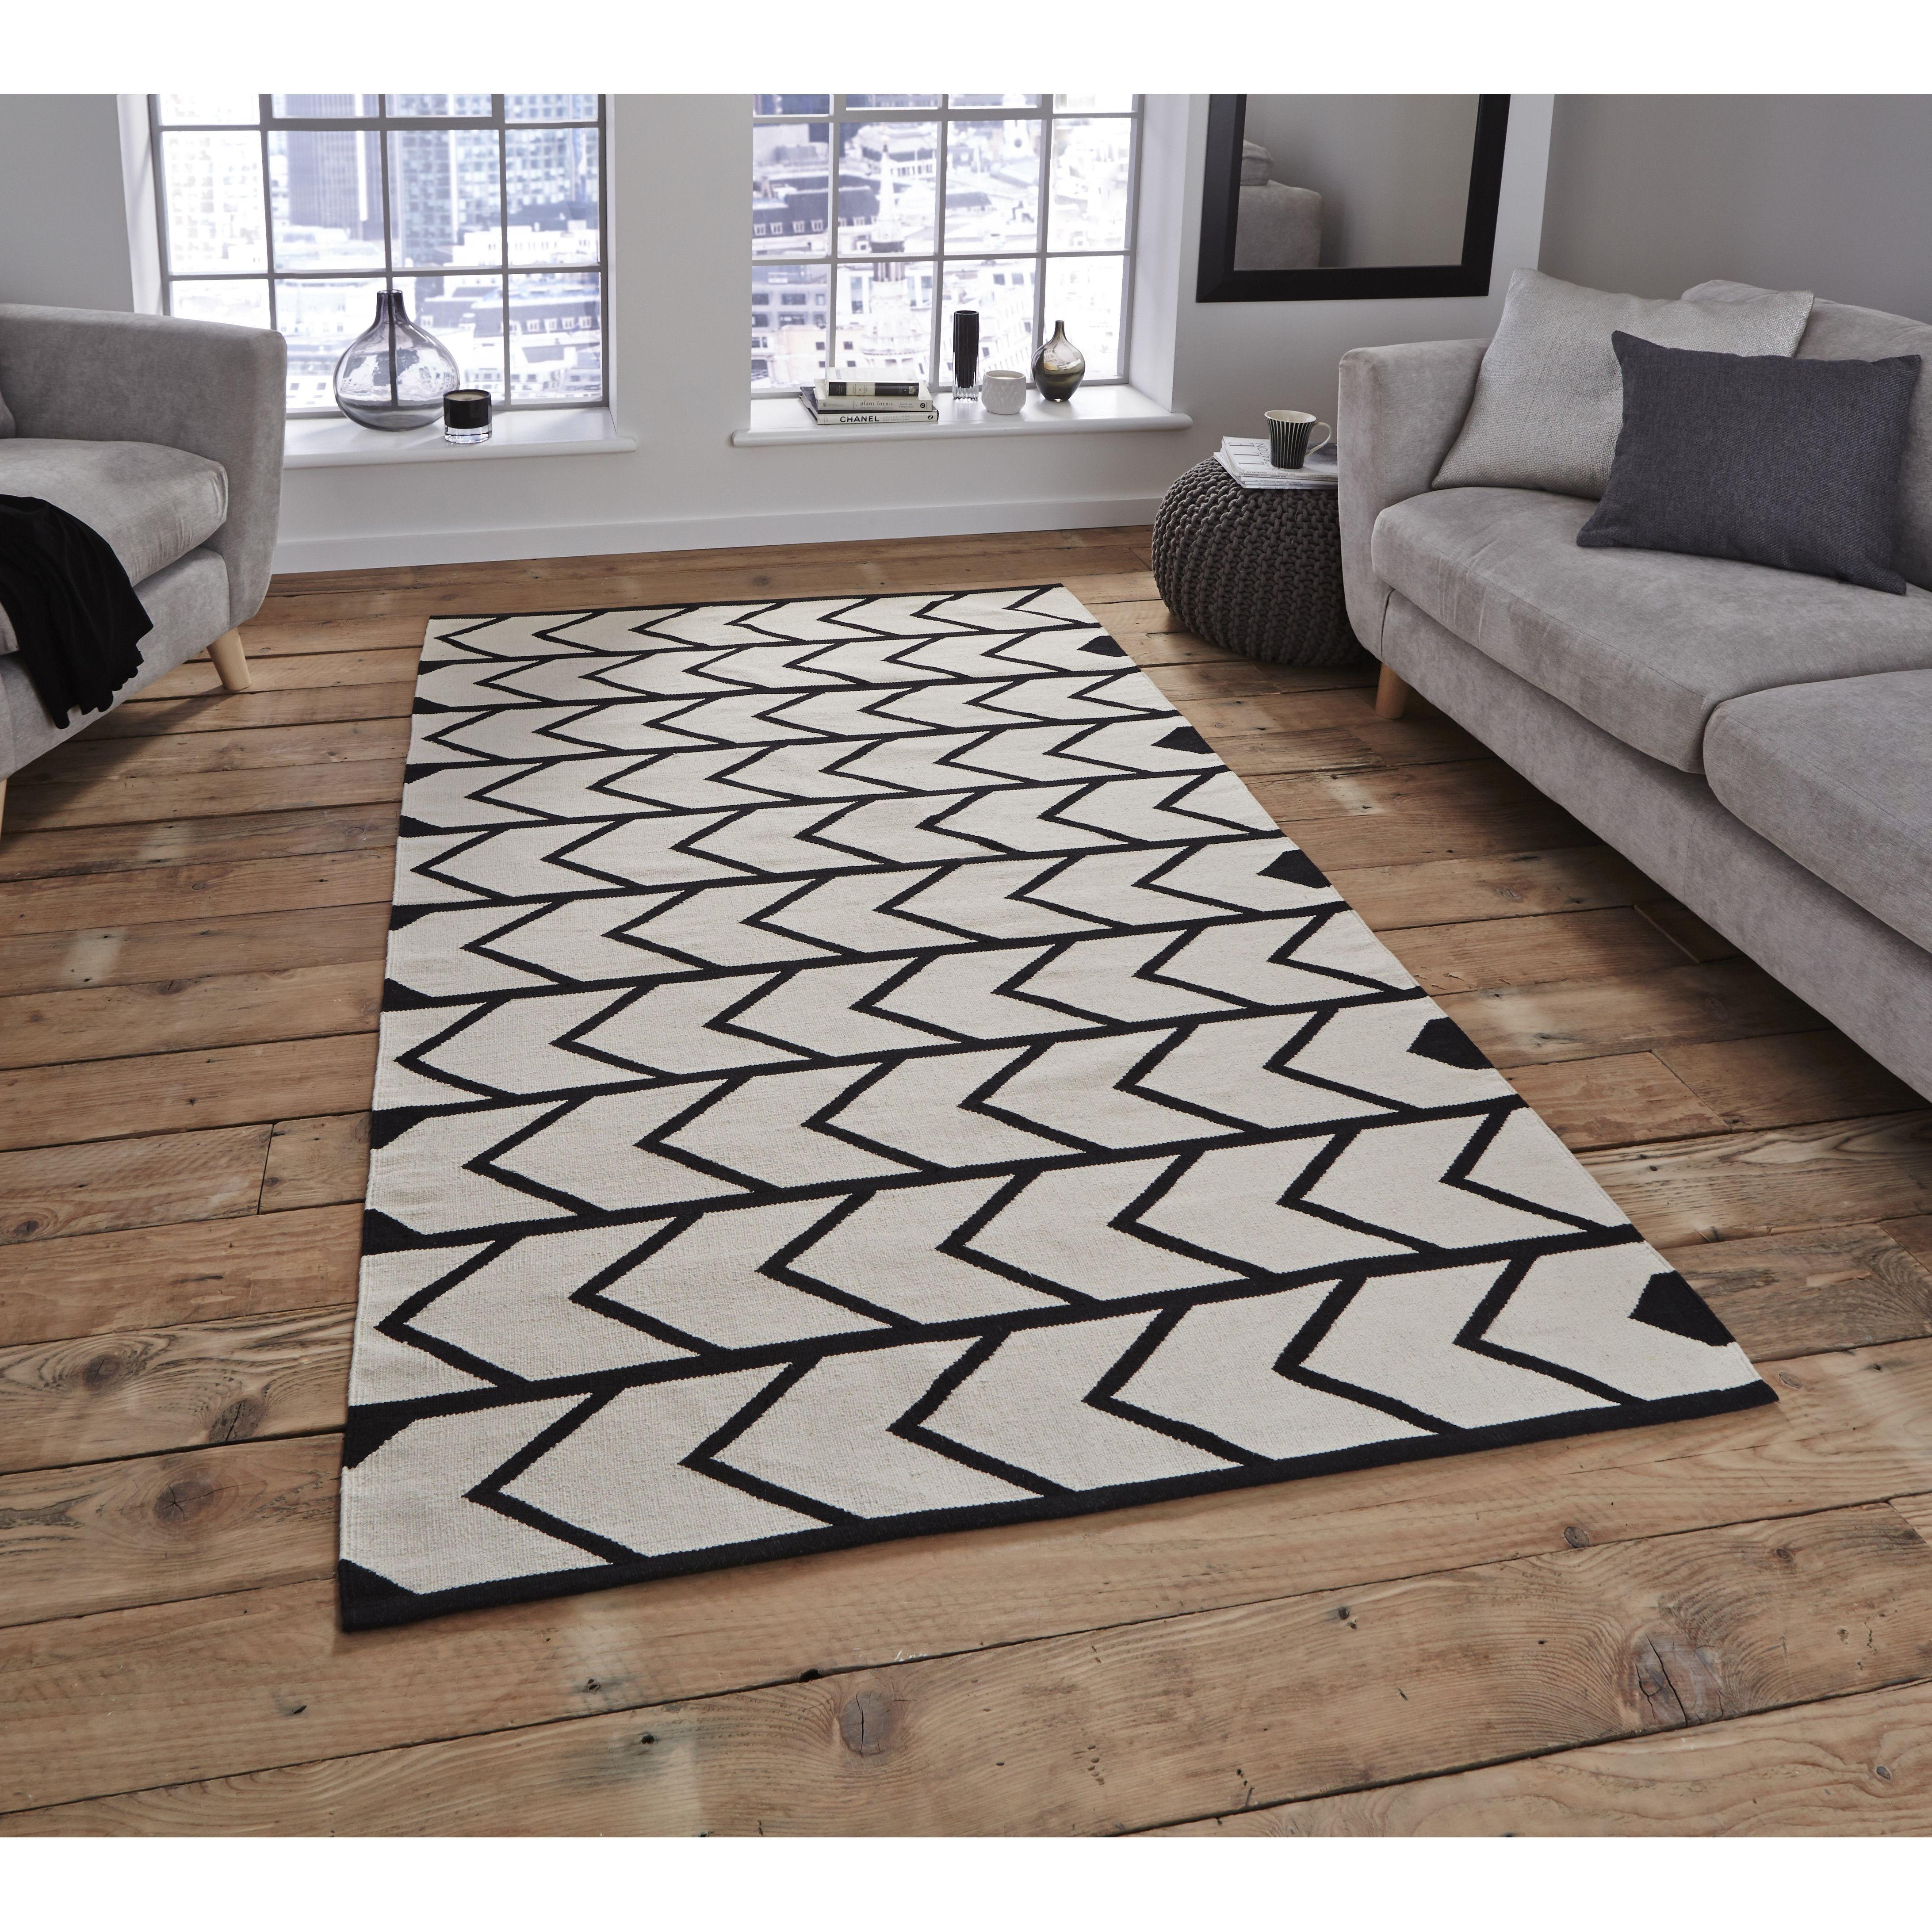 Teppich Manhattan In Schwarz/Weiß Von Think Rugs Online Kaufen Bei  Wayfair.de , Finden Sie Für Jeden Stil U0026 Geldbeutel